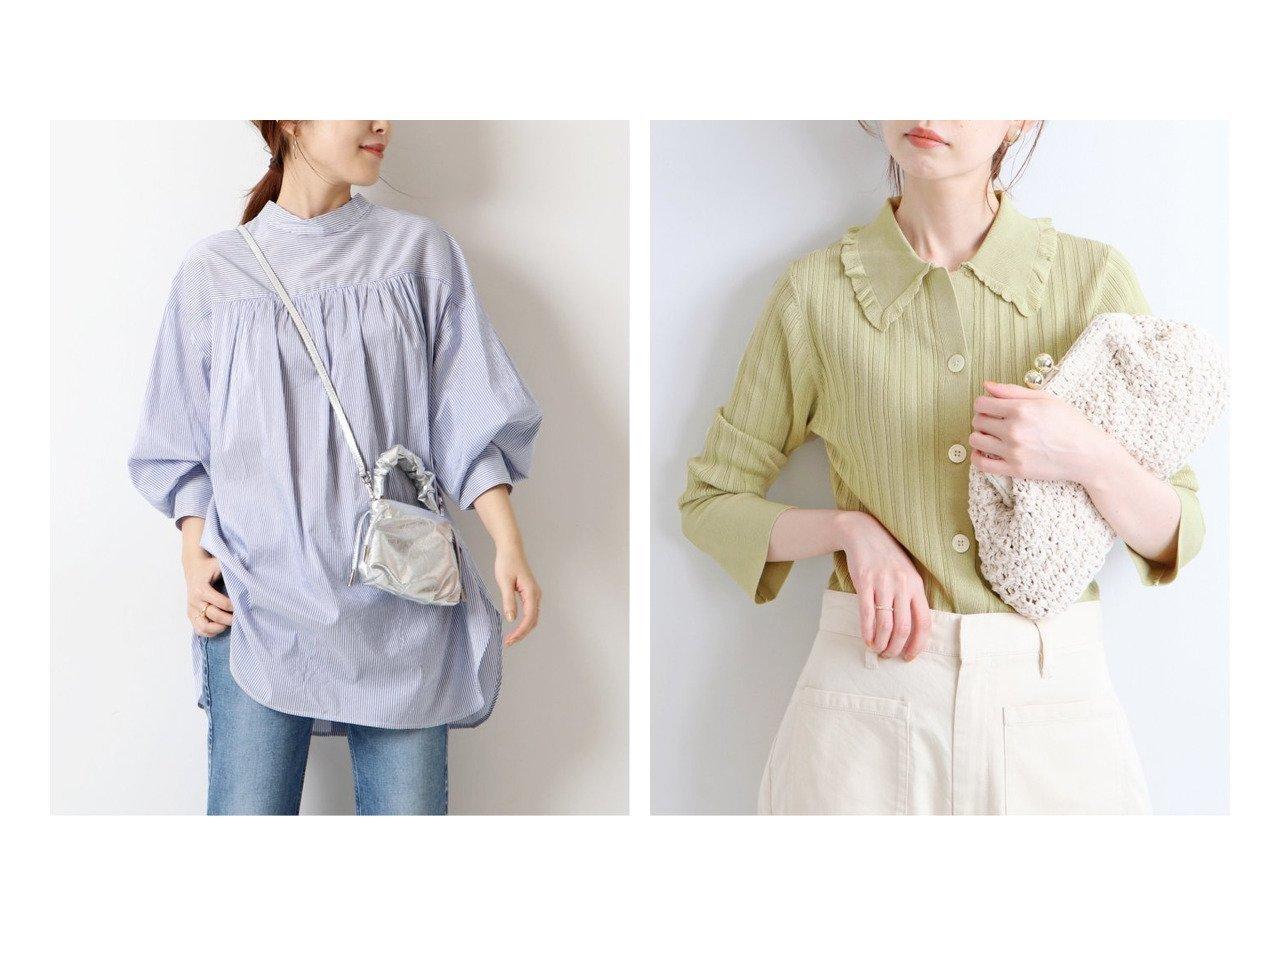 【IENA/イエナ】の【マリリンムーン】リブカーディガン&【Spick & Span/スピック&スパン】のコットンシルク2WAYシャツ トップス・カットソーのおすすめ!人気、トレンド・レディースファッションの通販 おすすめで人気の流行・トレンド、ファッションの通販商品 メンズファッション・キッズファッション・インテリア・家具・レディースファッション・服の通販 founy(ファニー) https://founy.com/ ファッション Fashion レディースファッション WOMEN トップス Tops Tshirt シャツ/ブラウス Shirts Blouses カーディガン Cardigans 2021年 2021 2021 春夏 S/S SS Spring/Summer 2021 S/S 春夏 SS Spring/Summer カットソー ギャザー シルク ハイネック フェミニン 春 Spring NEW・新作・新着・新入荷 New Arrivals カーディガン フリル |ID:crp329100000015878